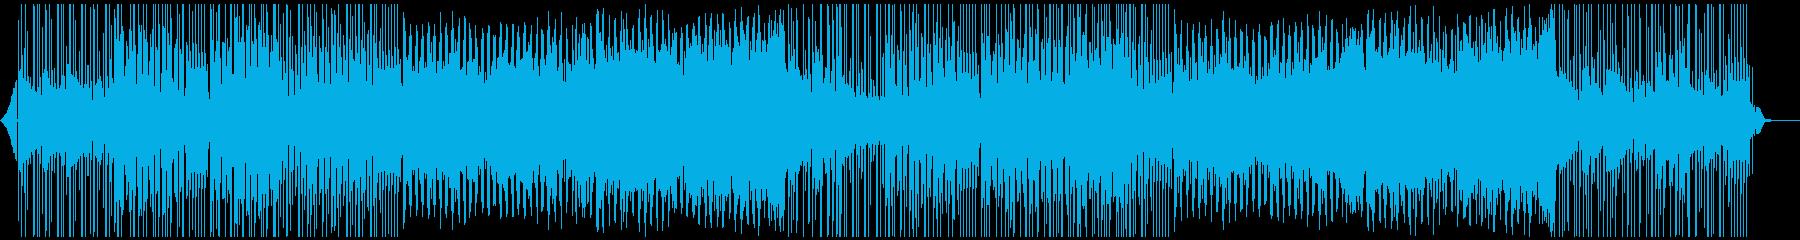 企業VP・コーポレート/明るいBGM:2の再生済みの波形